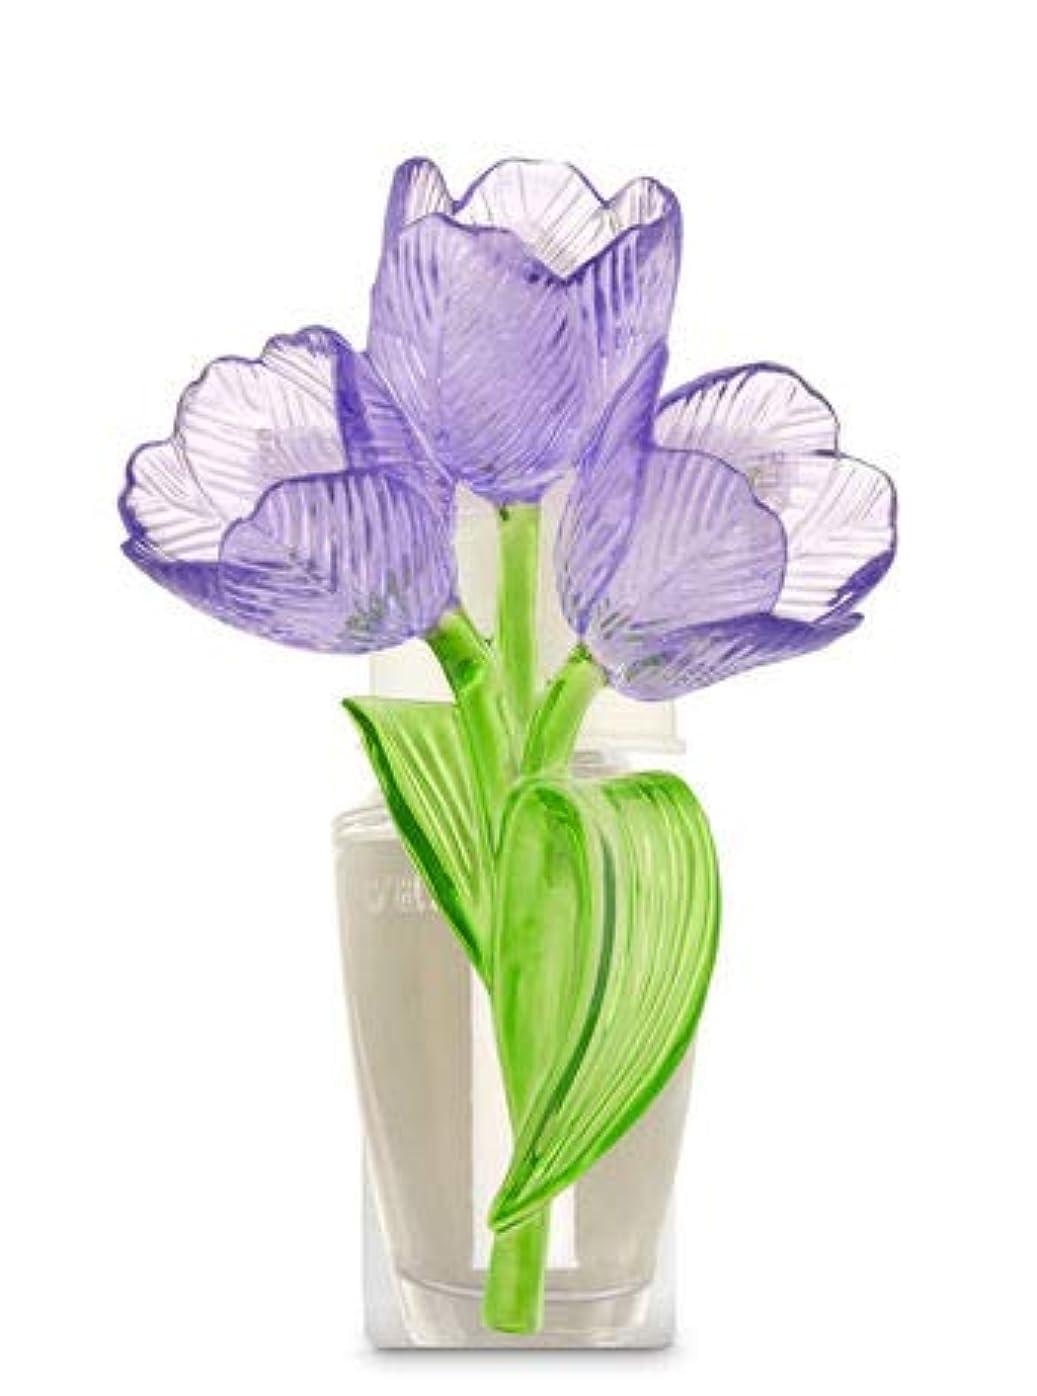 望ましい増幅ばか【Bath&Body Works/バス&ボディワークス】 ルームフレグランス プラグインスターター (本体のみ) チューリップ ナイトライト Wallflowers Fragrance Plug Tulips Night...